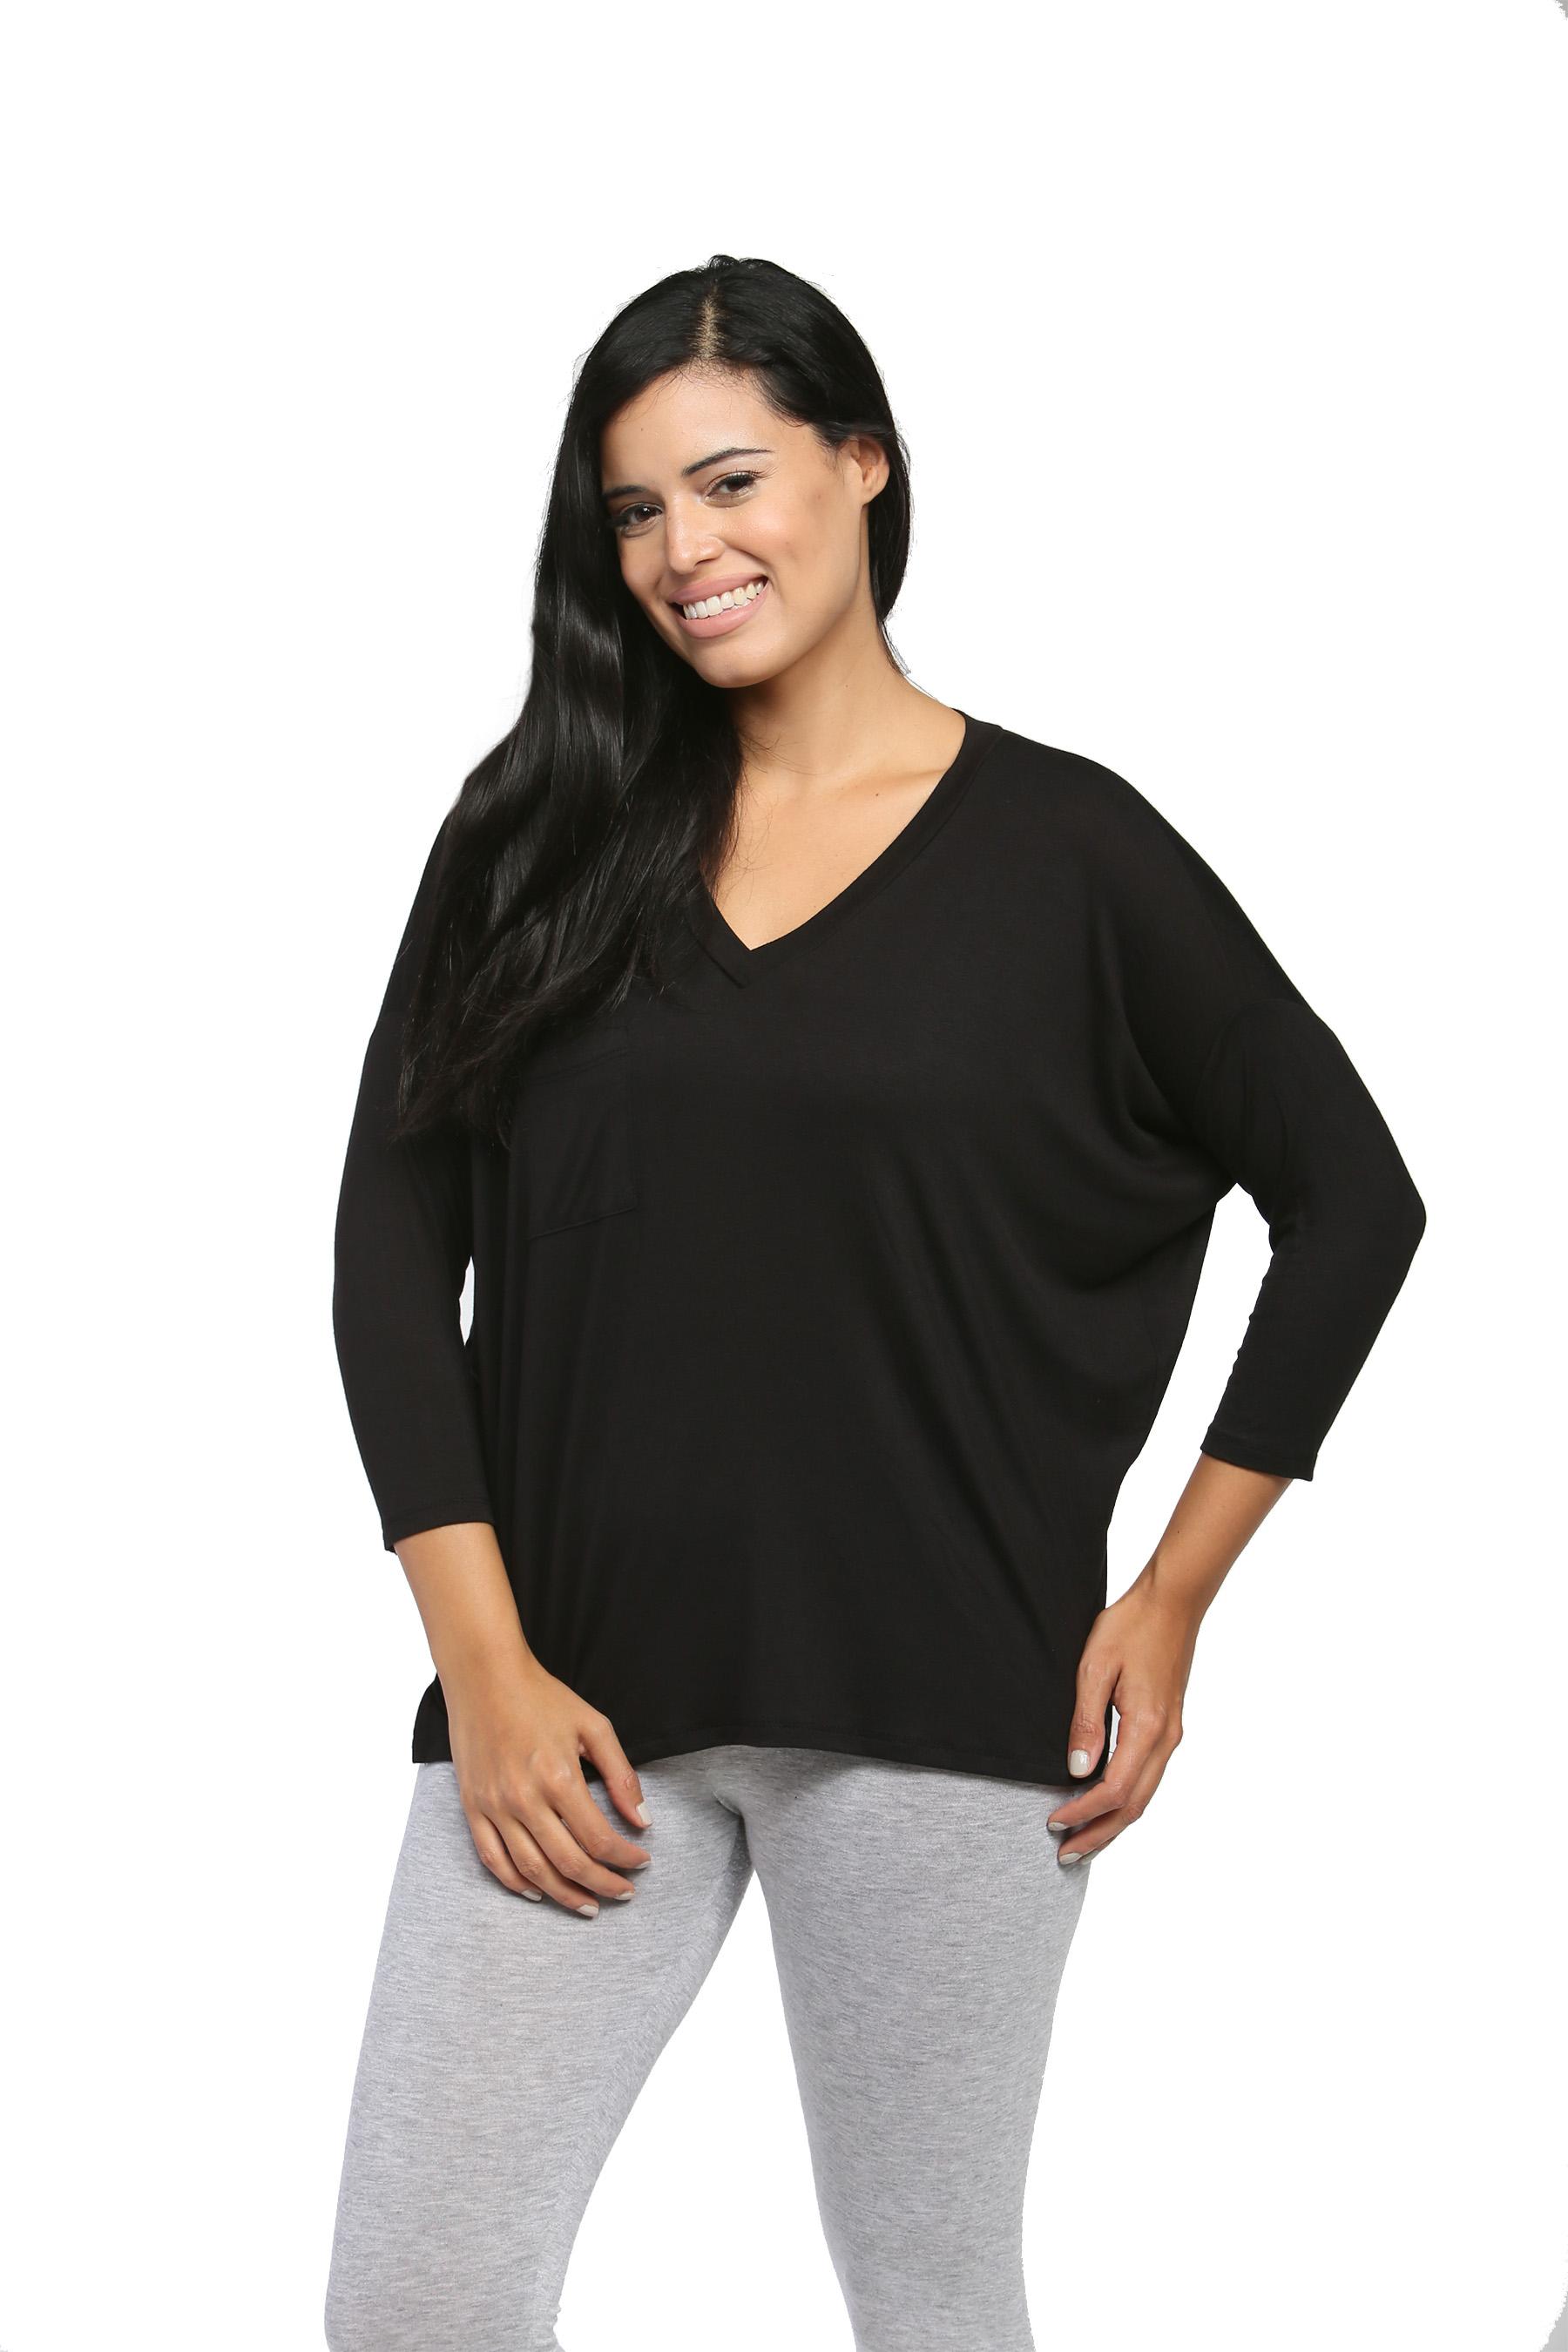 24/7 Comfort Apparel Women's Oversized Dolman Top PartNumber: 3ZZVA79320512P MfgPartNumber: CF270-BLACK